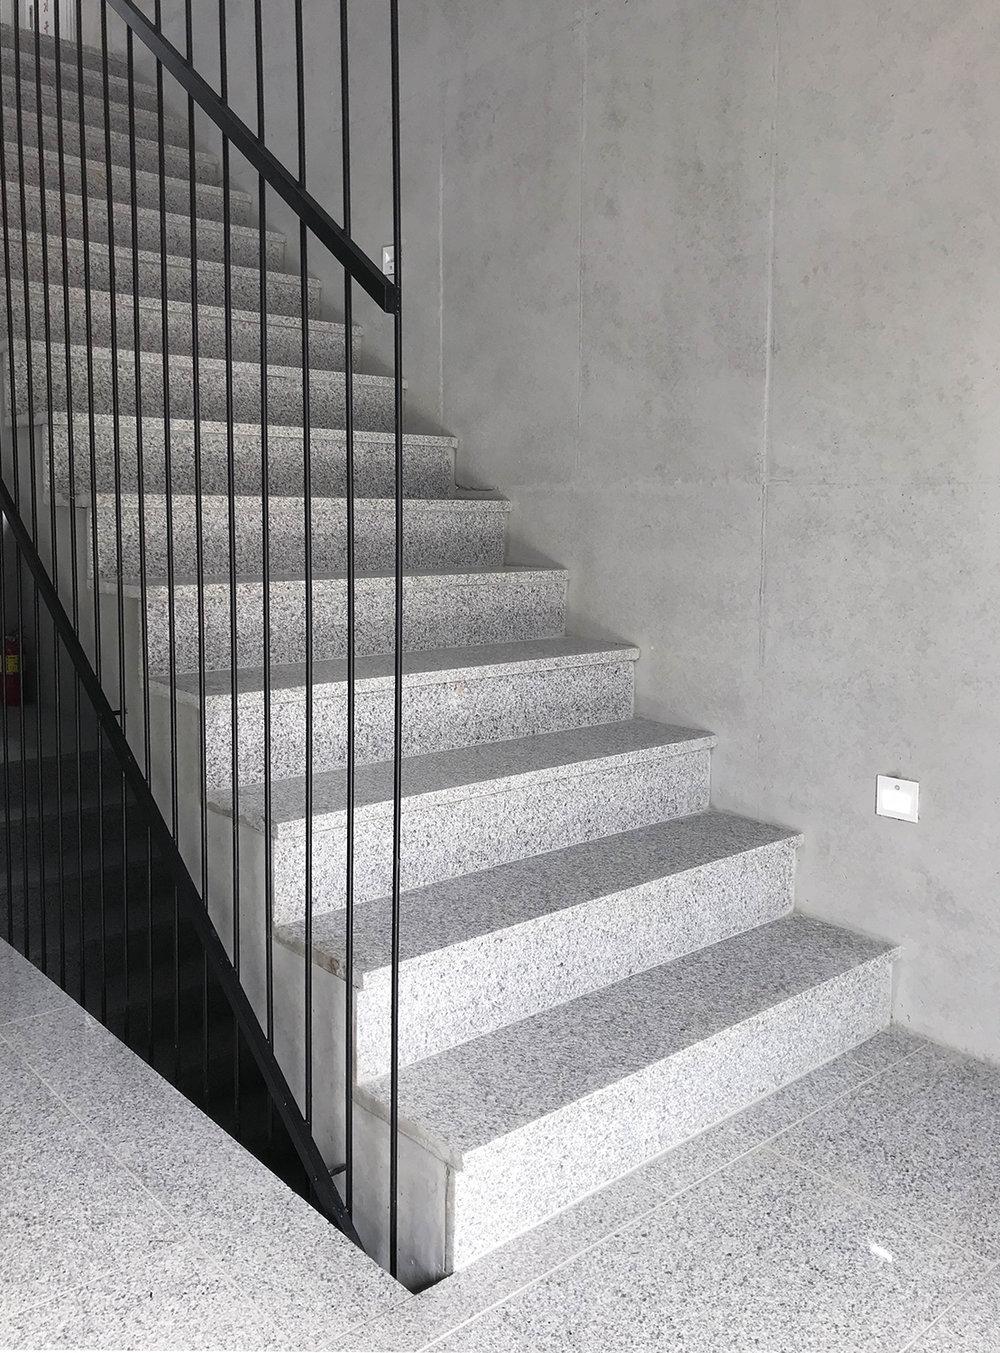 stair -1.jpg